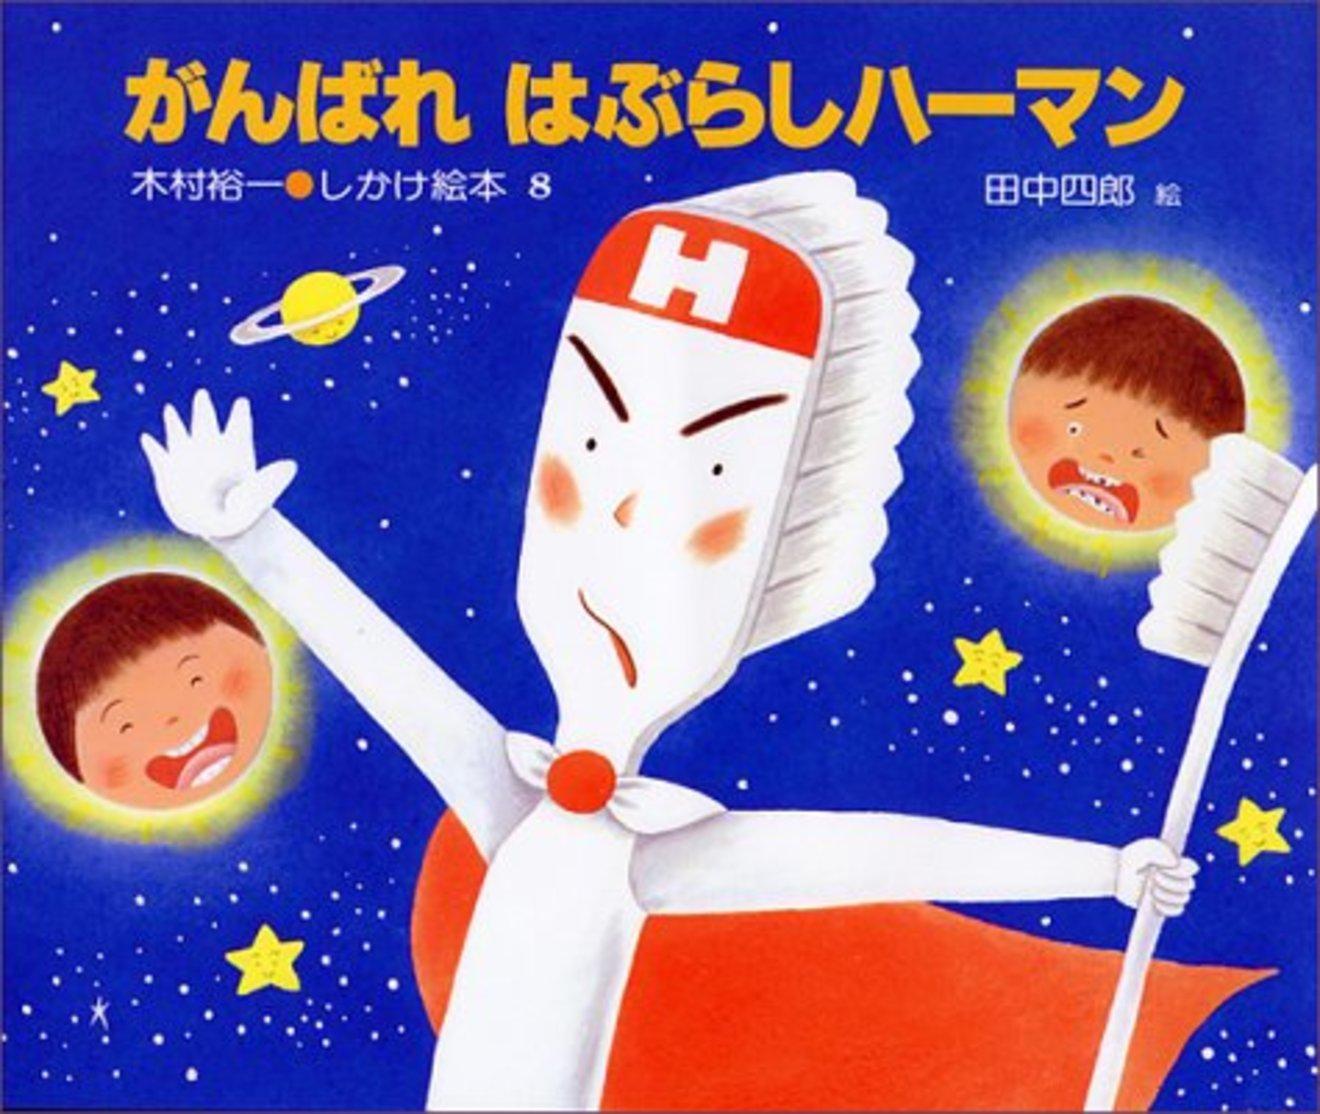 歯磨きが好きになる?小さい子どもにおすすめのしつけ絵本5選!